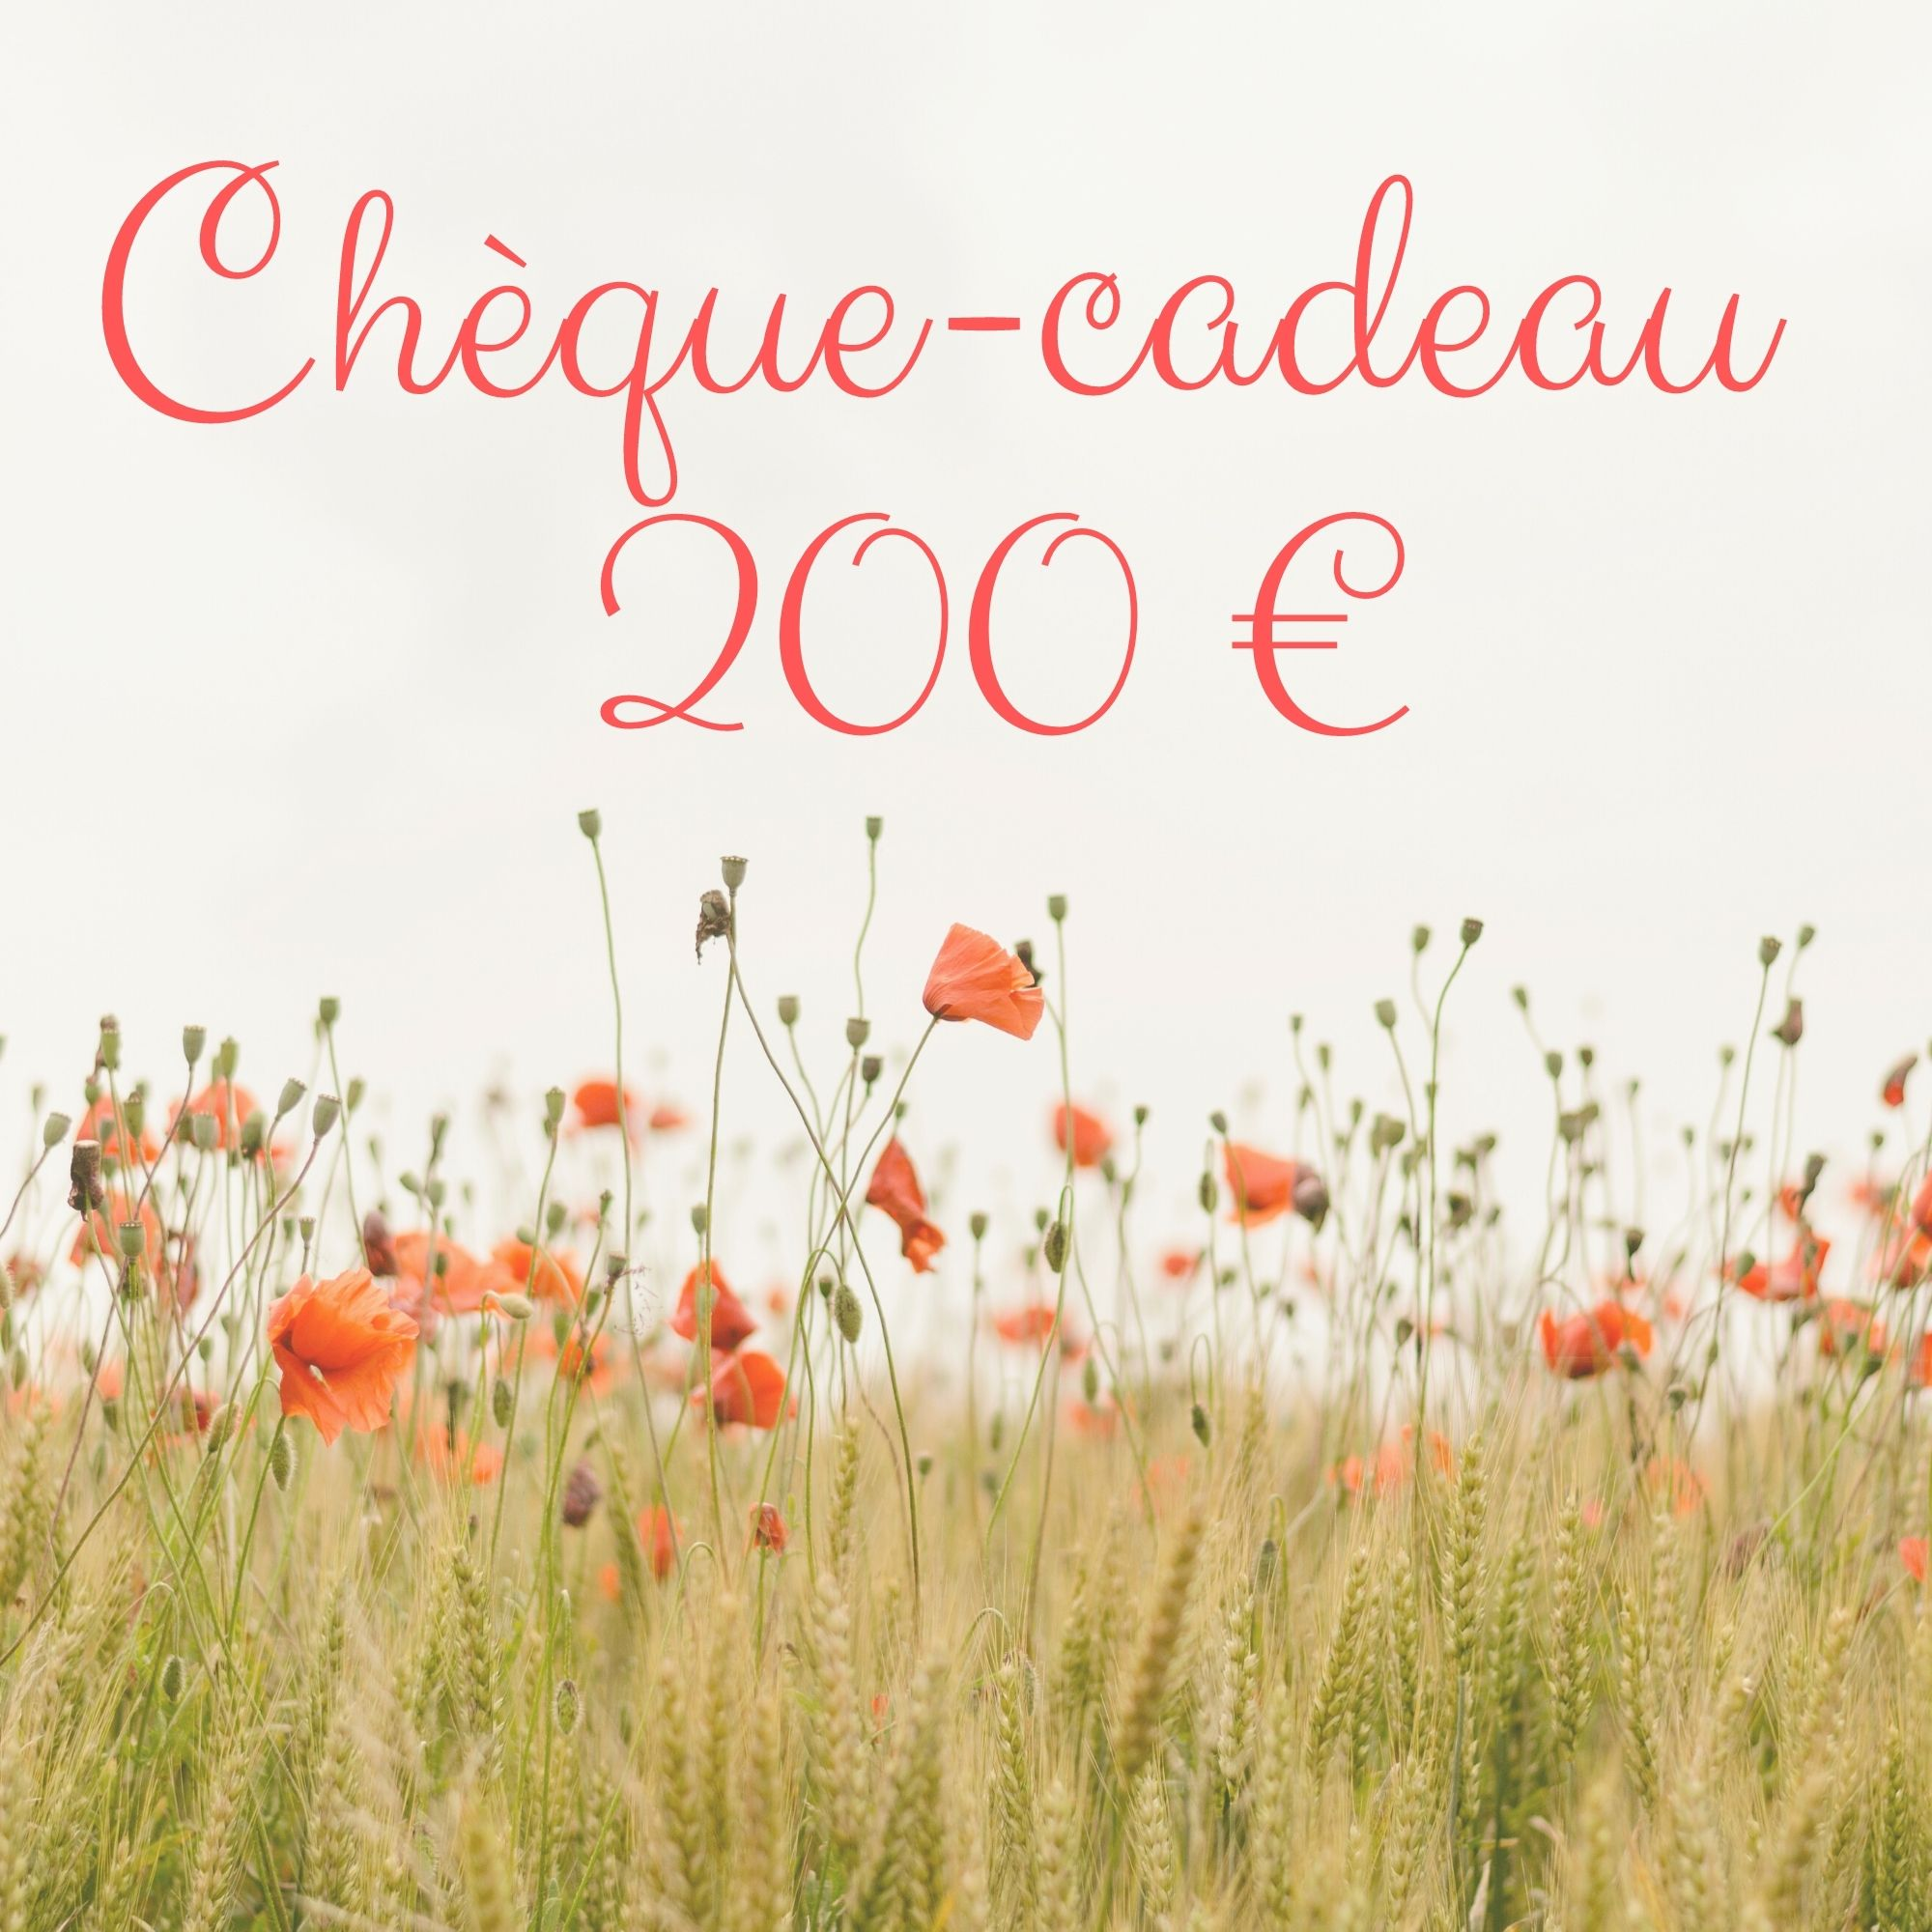 Chèque-cadeau 200 €